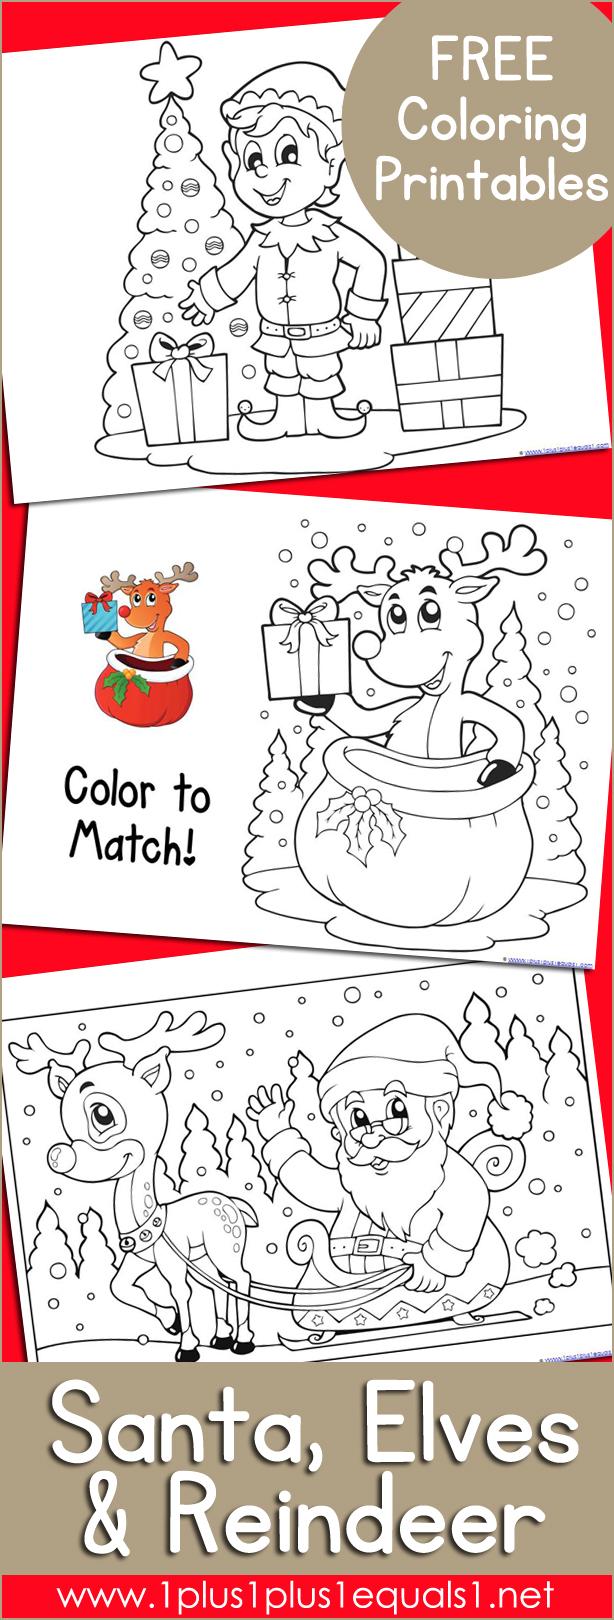 Santa, Elves, and Reindeer Christmas Coloring